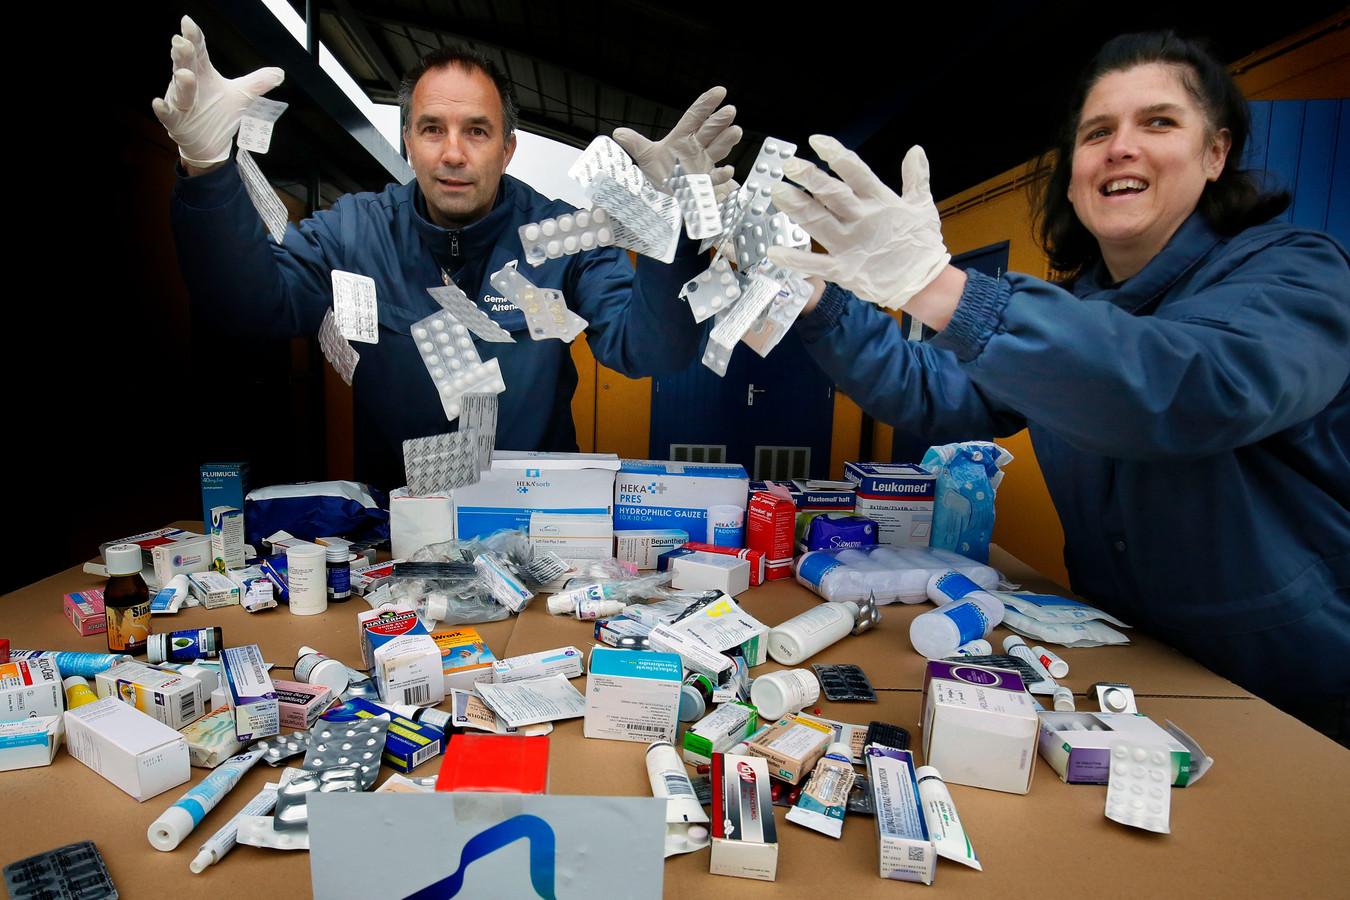 Kees Verschoor en Silvia Nieuwkoop met de tientallen doosjes, potjes, tubes en losse strips medicijnen die zijn ingeleverd bij het milieustation Werkendam.